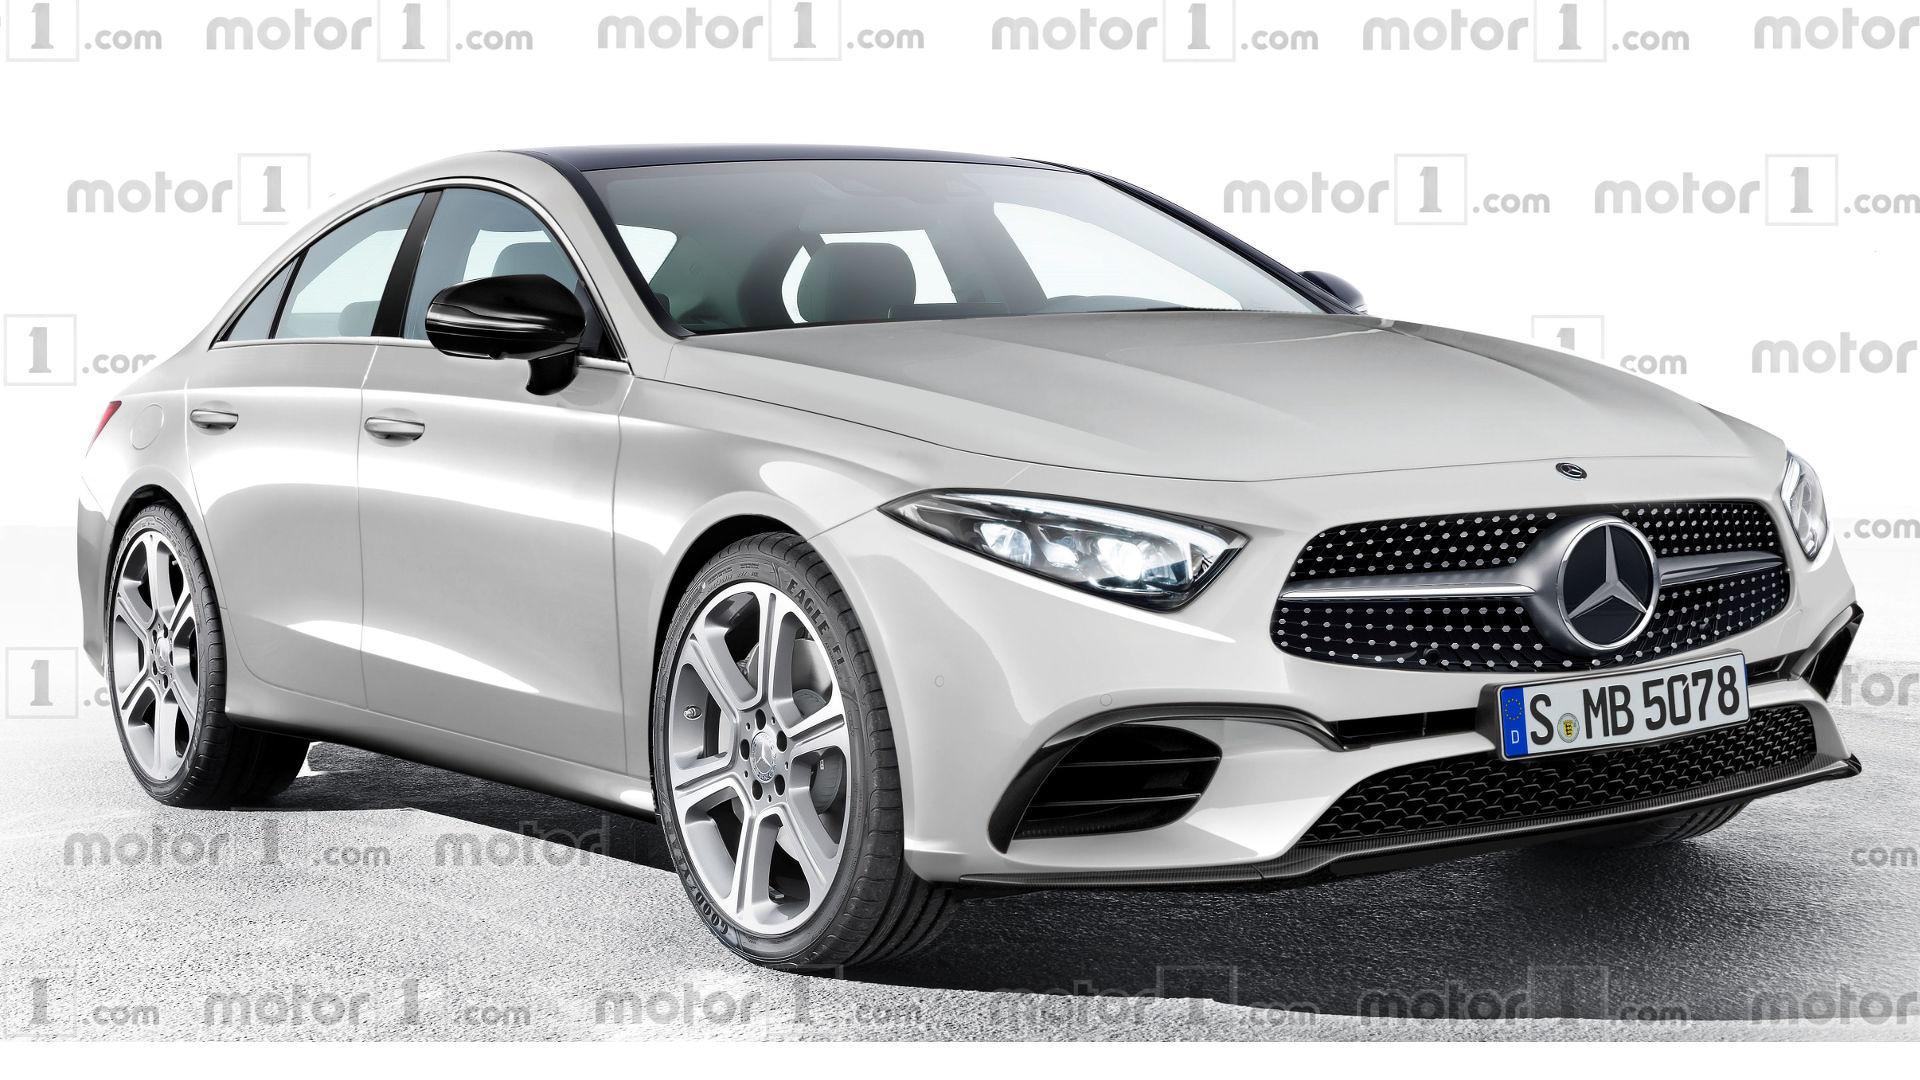 2018 Mercedes Cls Rendering Previews Evolutionary Design